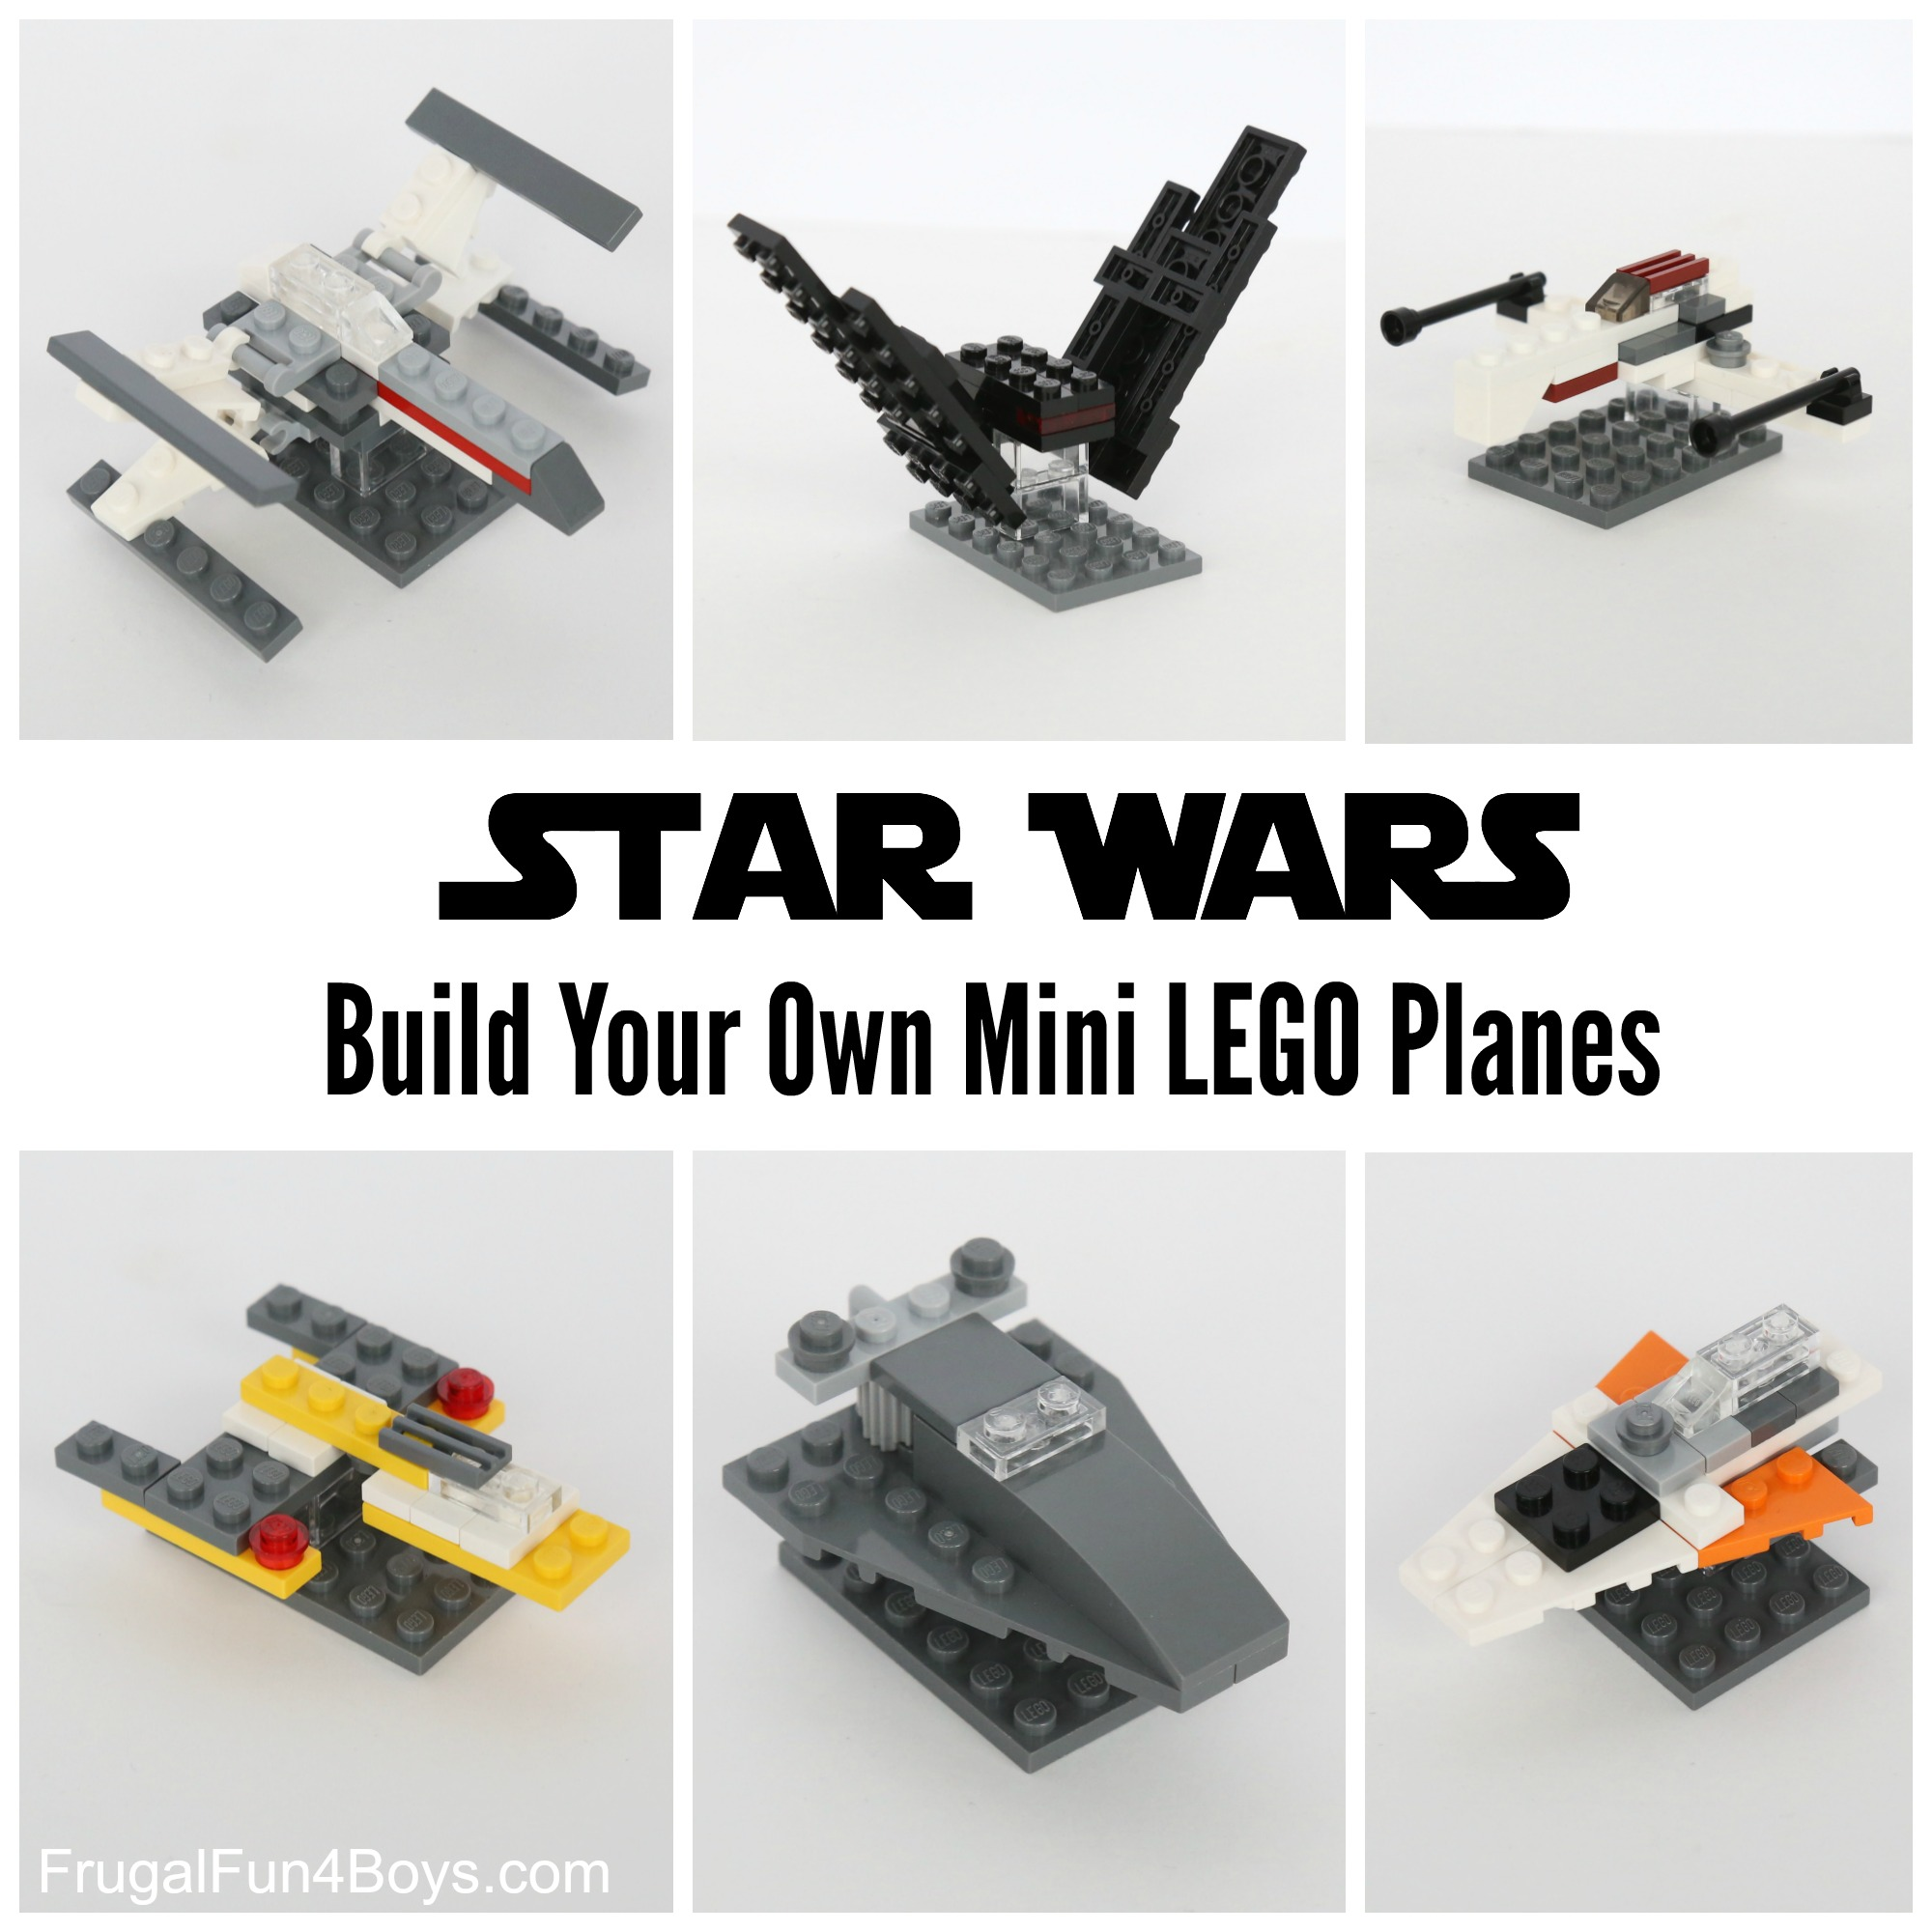 LEGO Mini Star Wars Ships